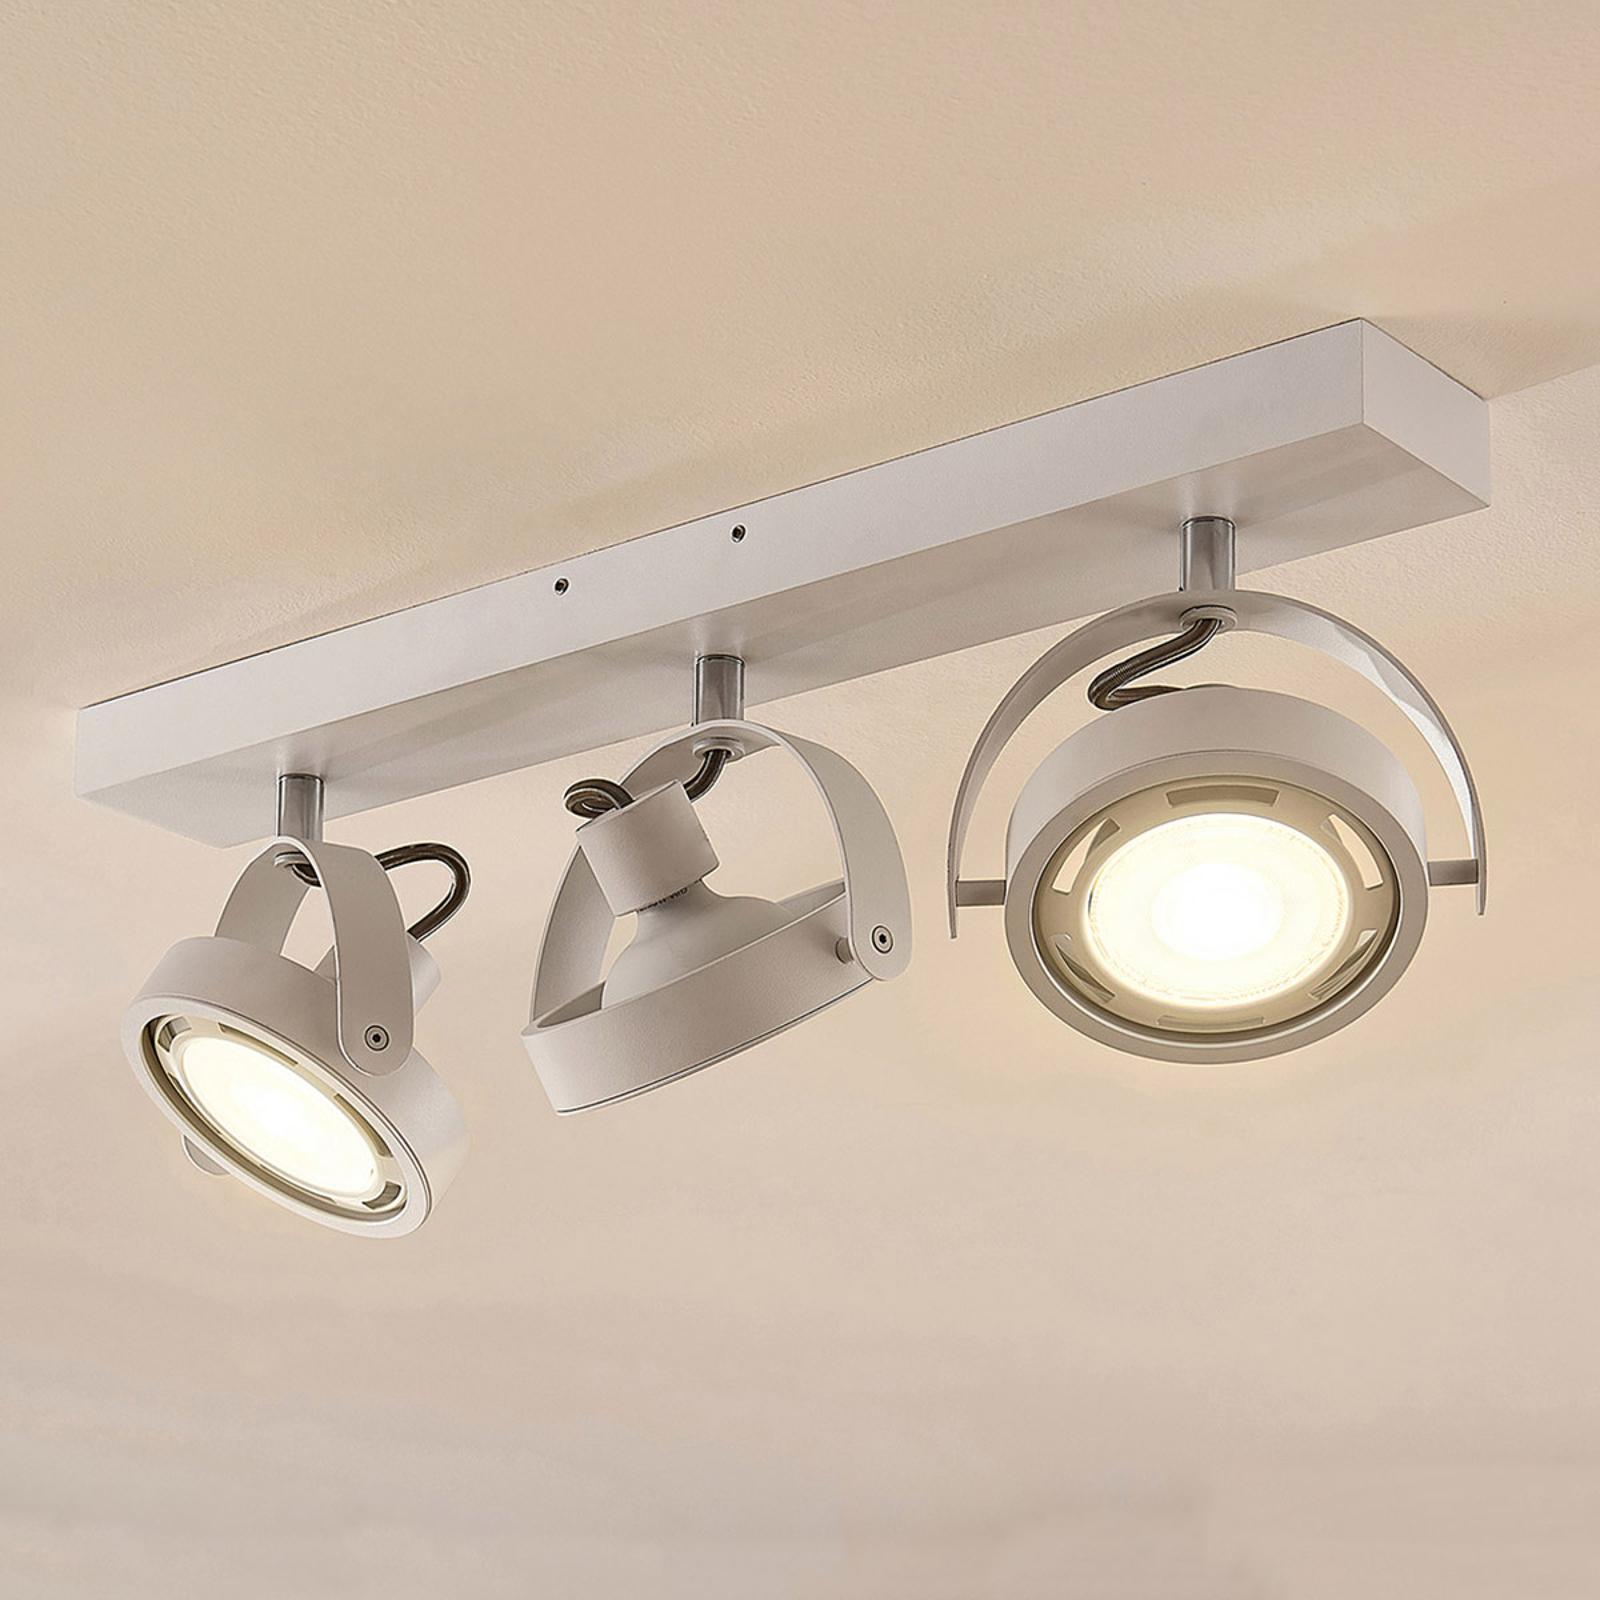 Munin LED-spot, dimbar, hvit, 3-lyskilder